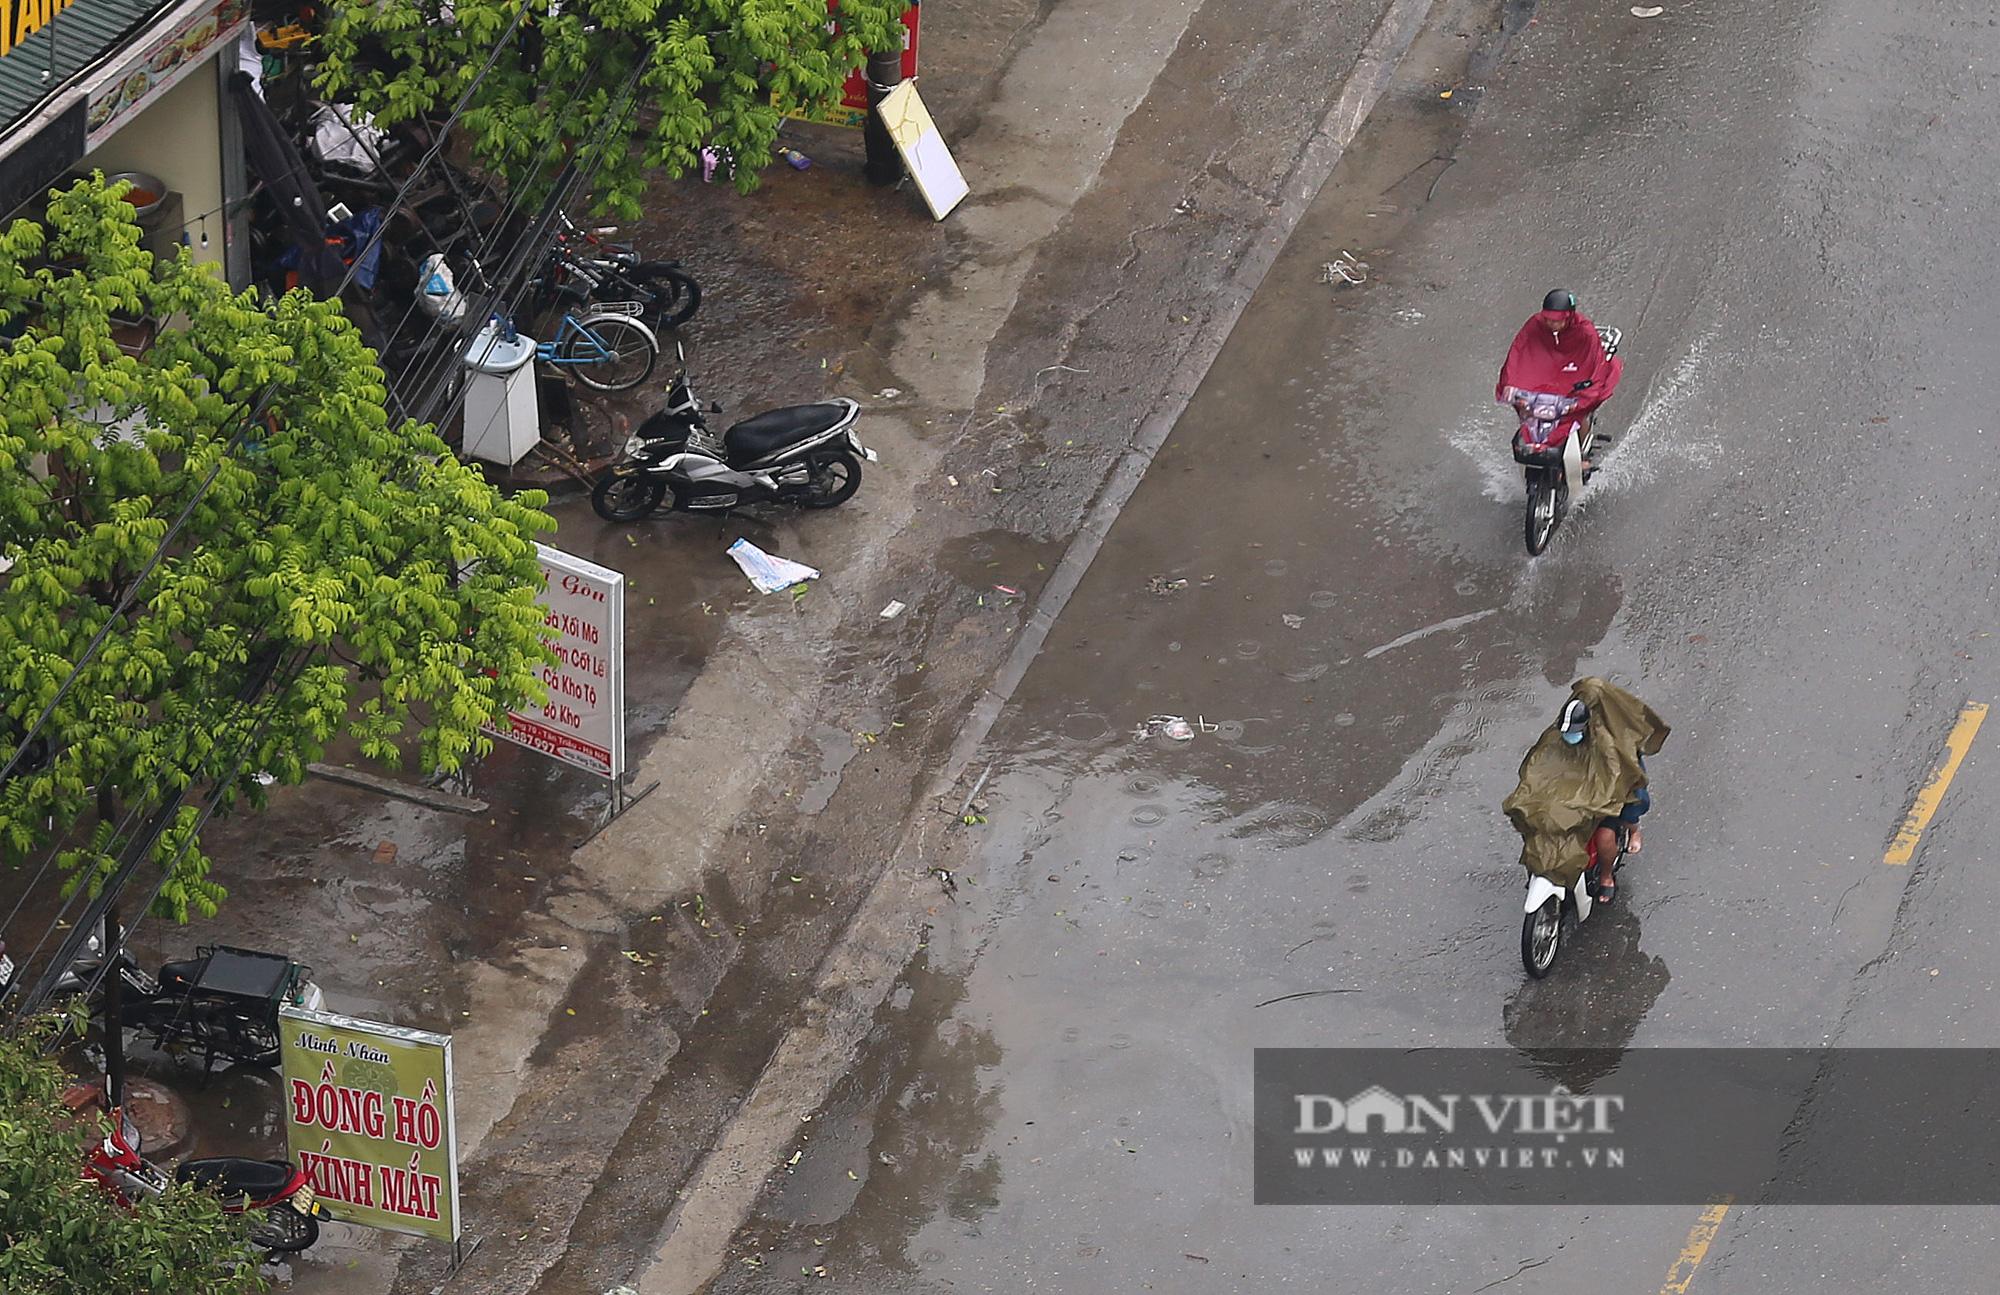 Bầu trời Hà Nội mưa liên tiếp, thời tiết mát mẻ sau nhiều ngày nắng nóng gần 40 độ C - Ảnh 7.